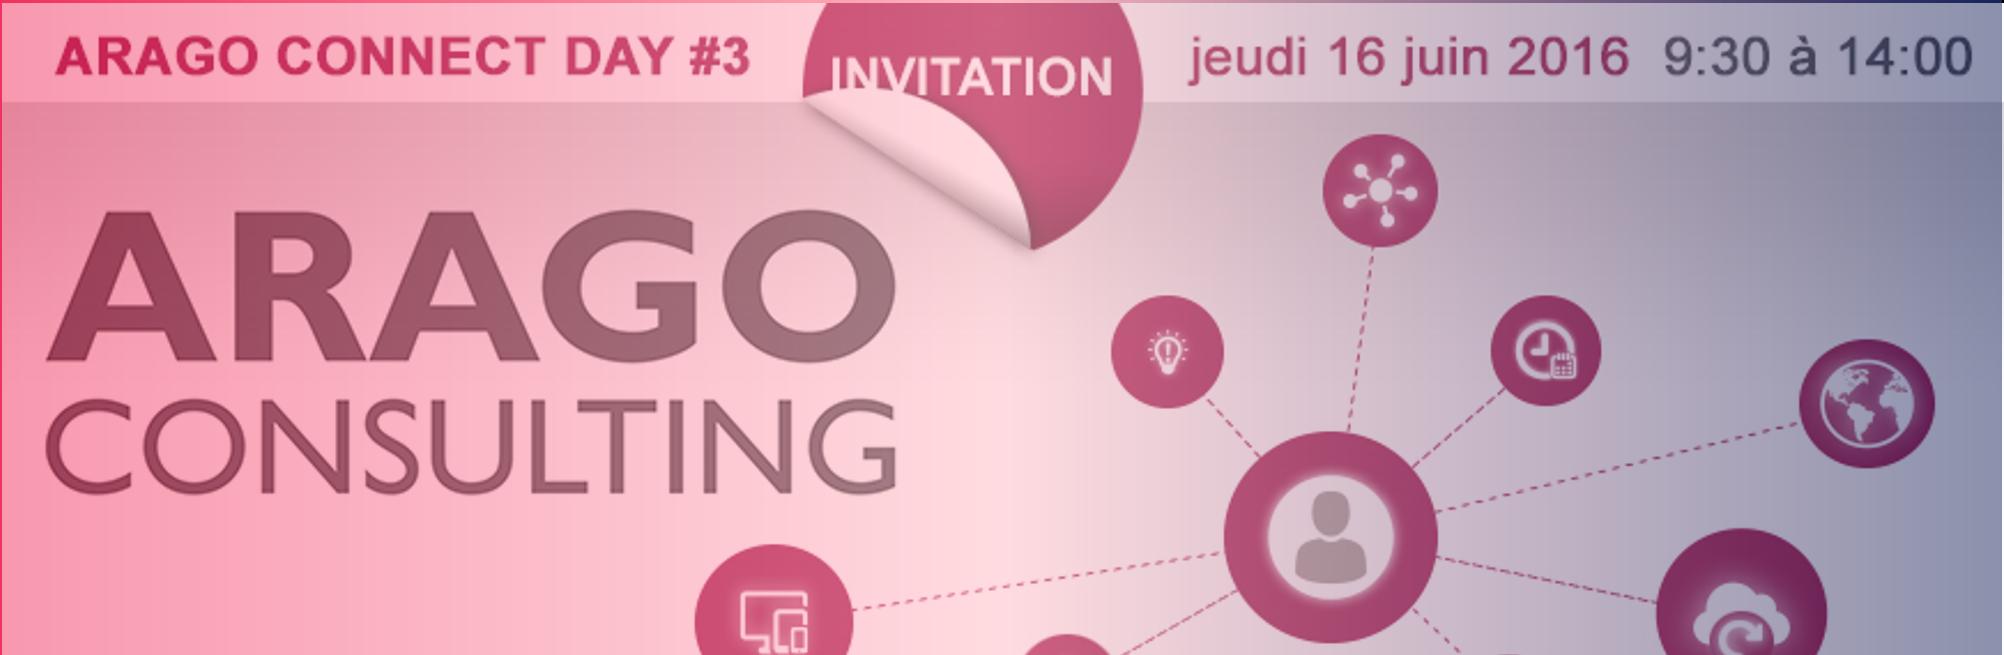 ARAGO Consulting vous invite au ARAGO Connect Day 2016